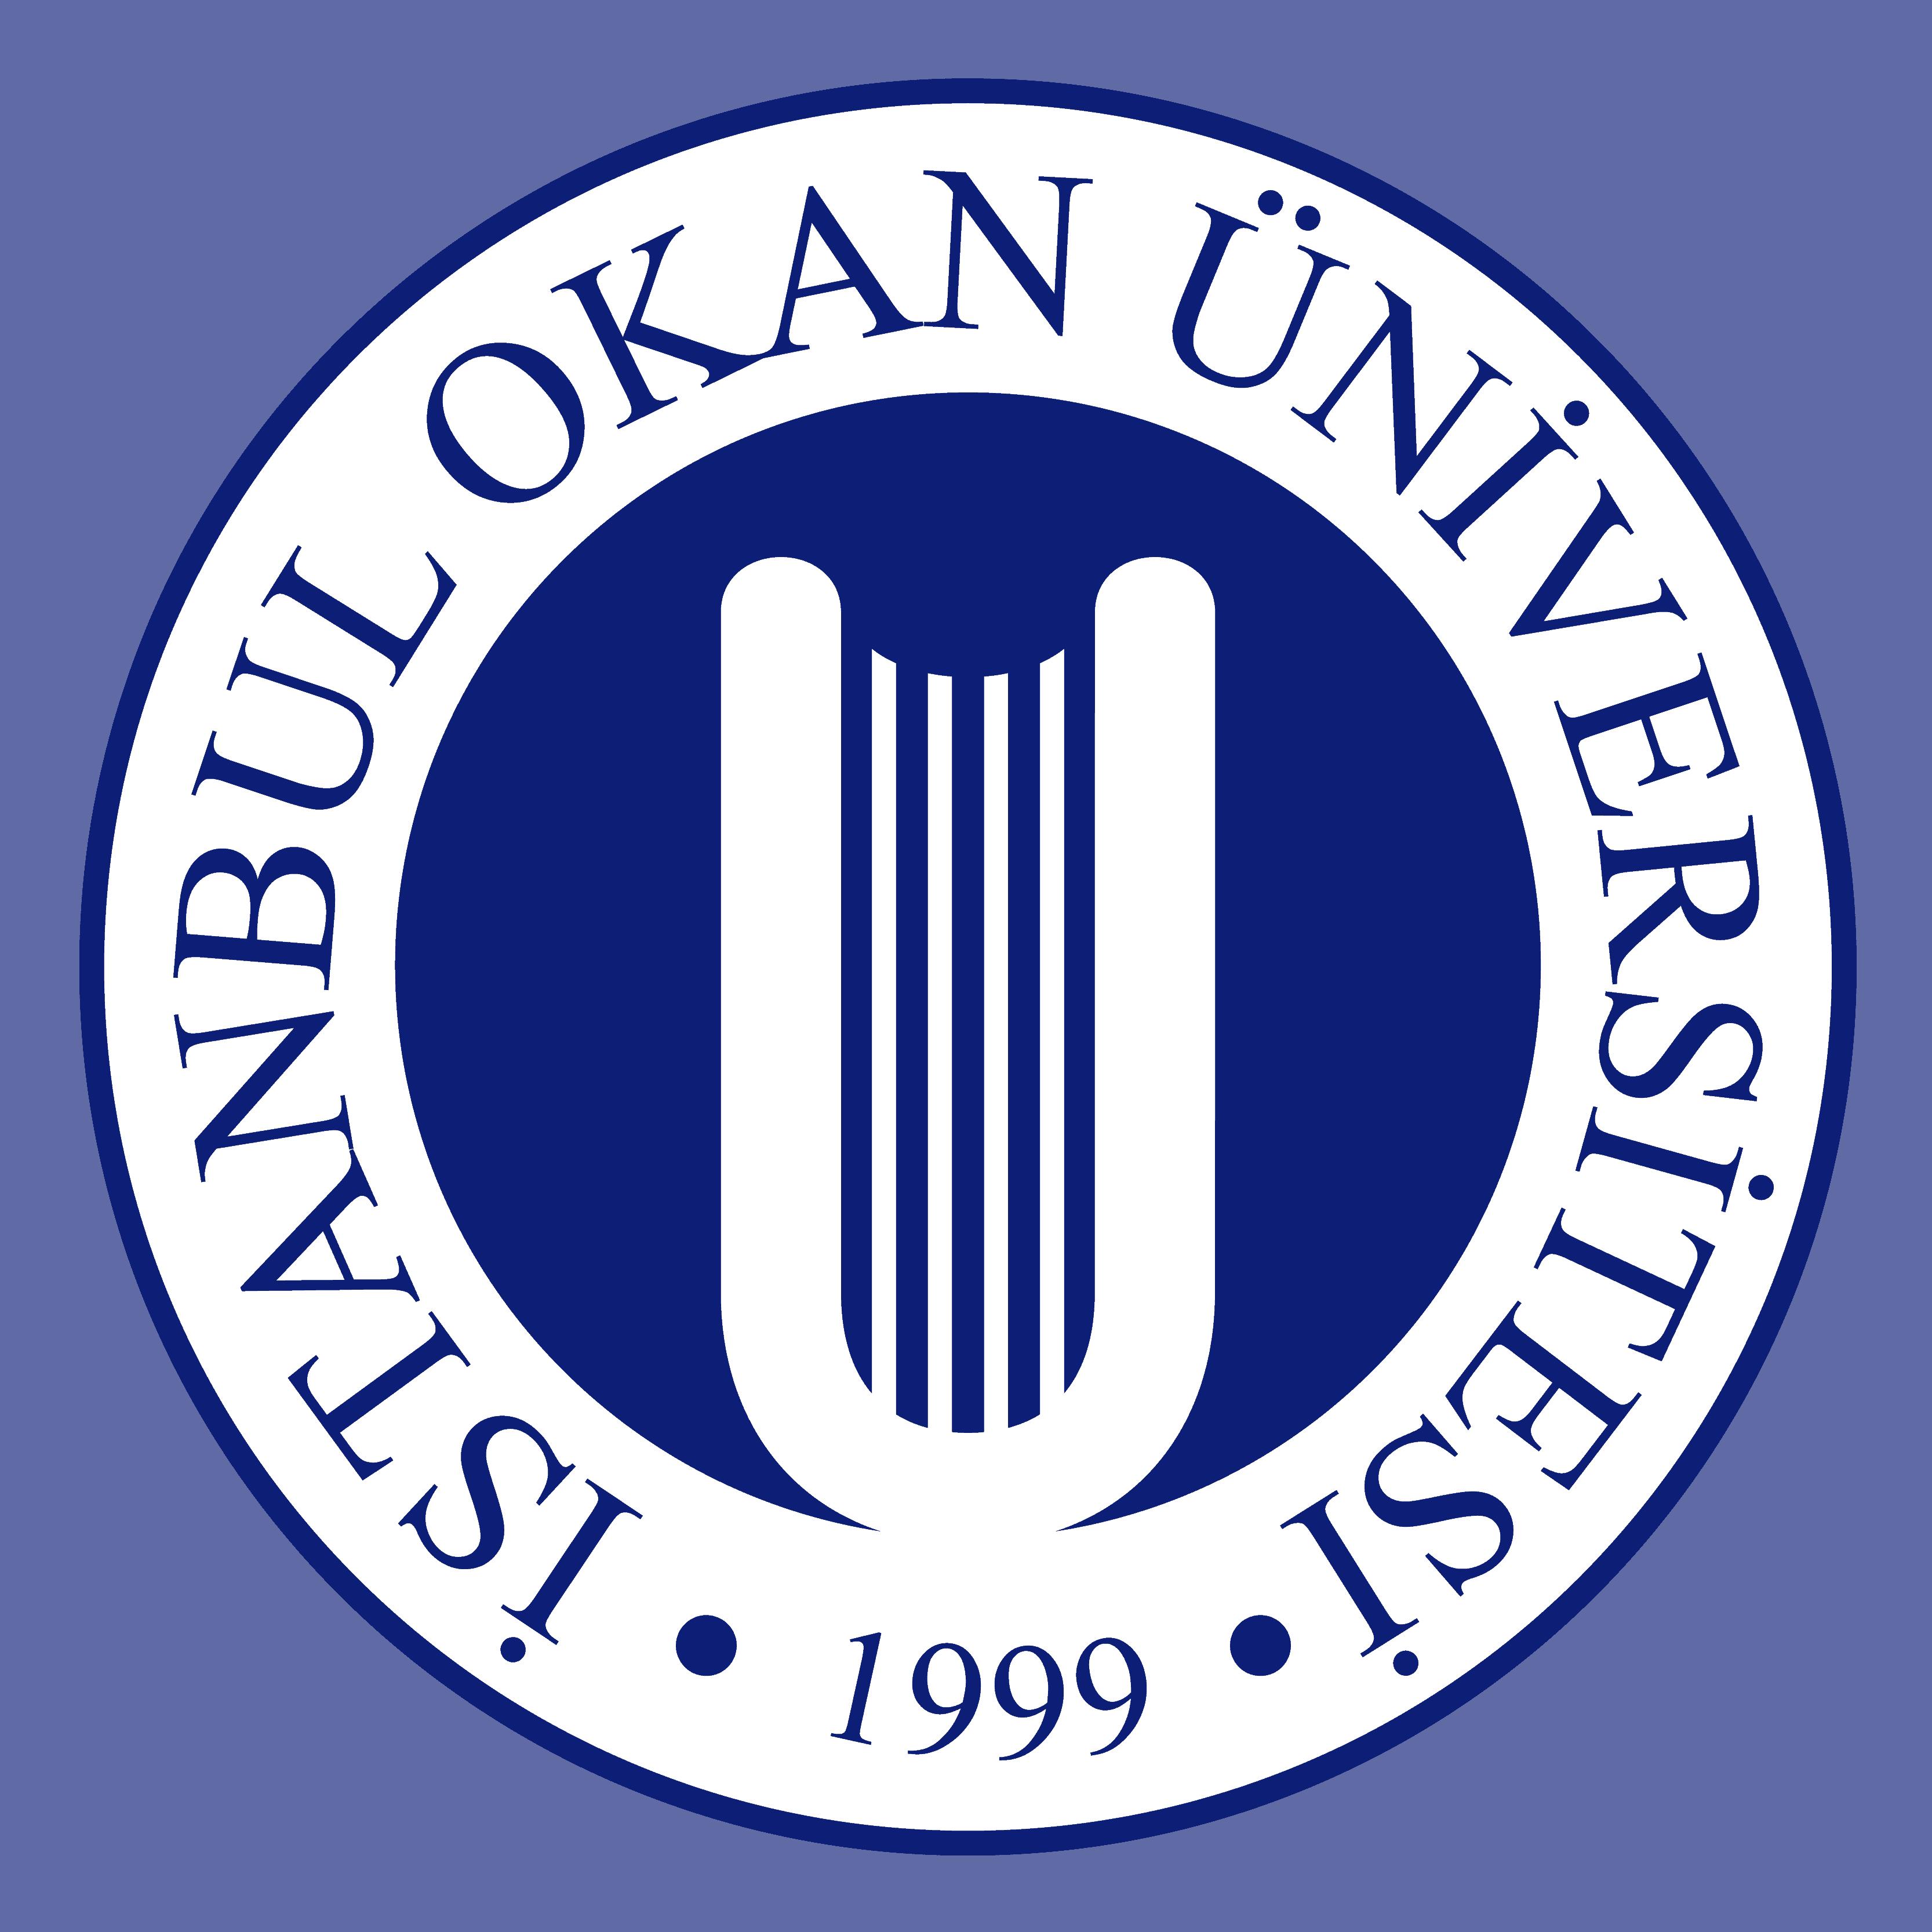 İstanbul Okan Üniversitesi Logo png